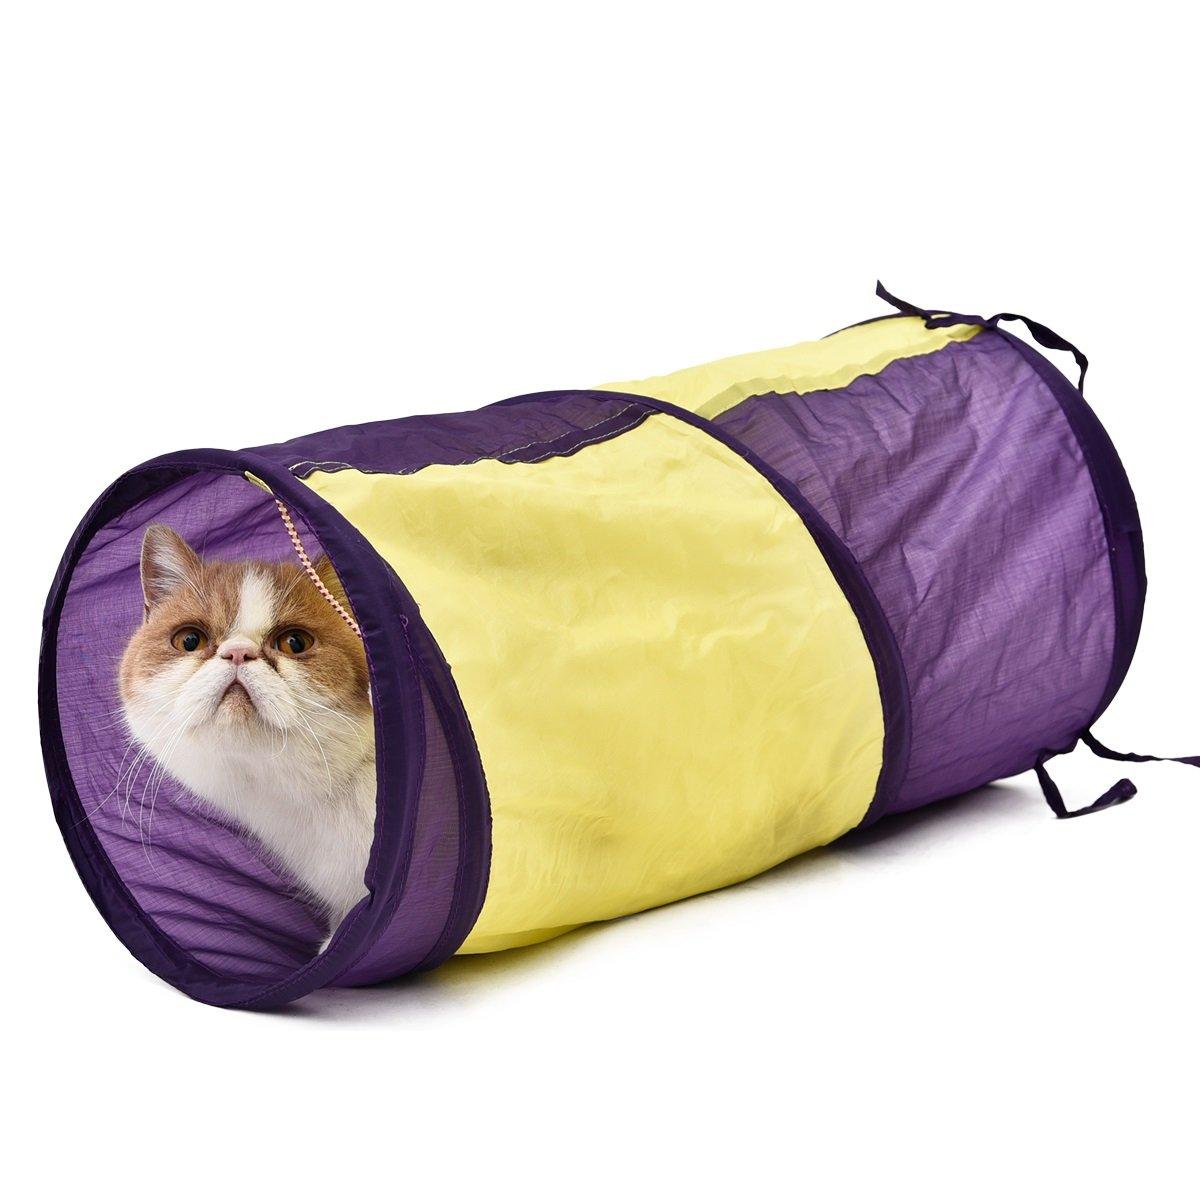 Amazon.com: SRY túnel para gato mascota juguete gato gatear ...